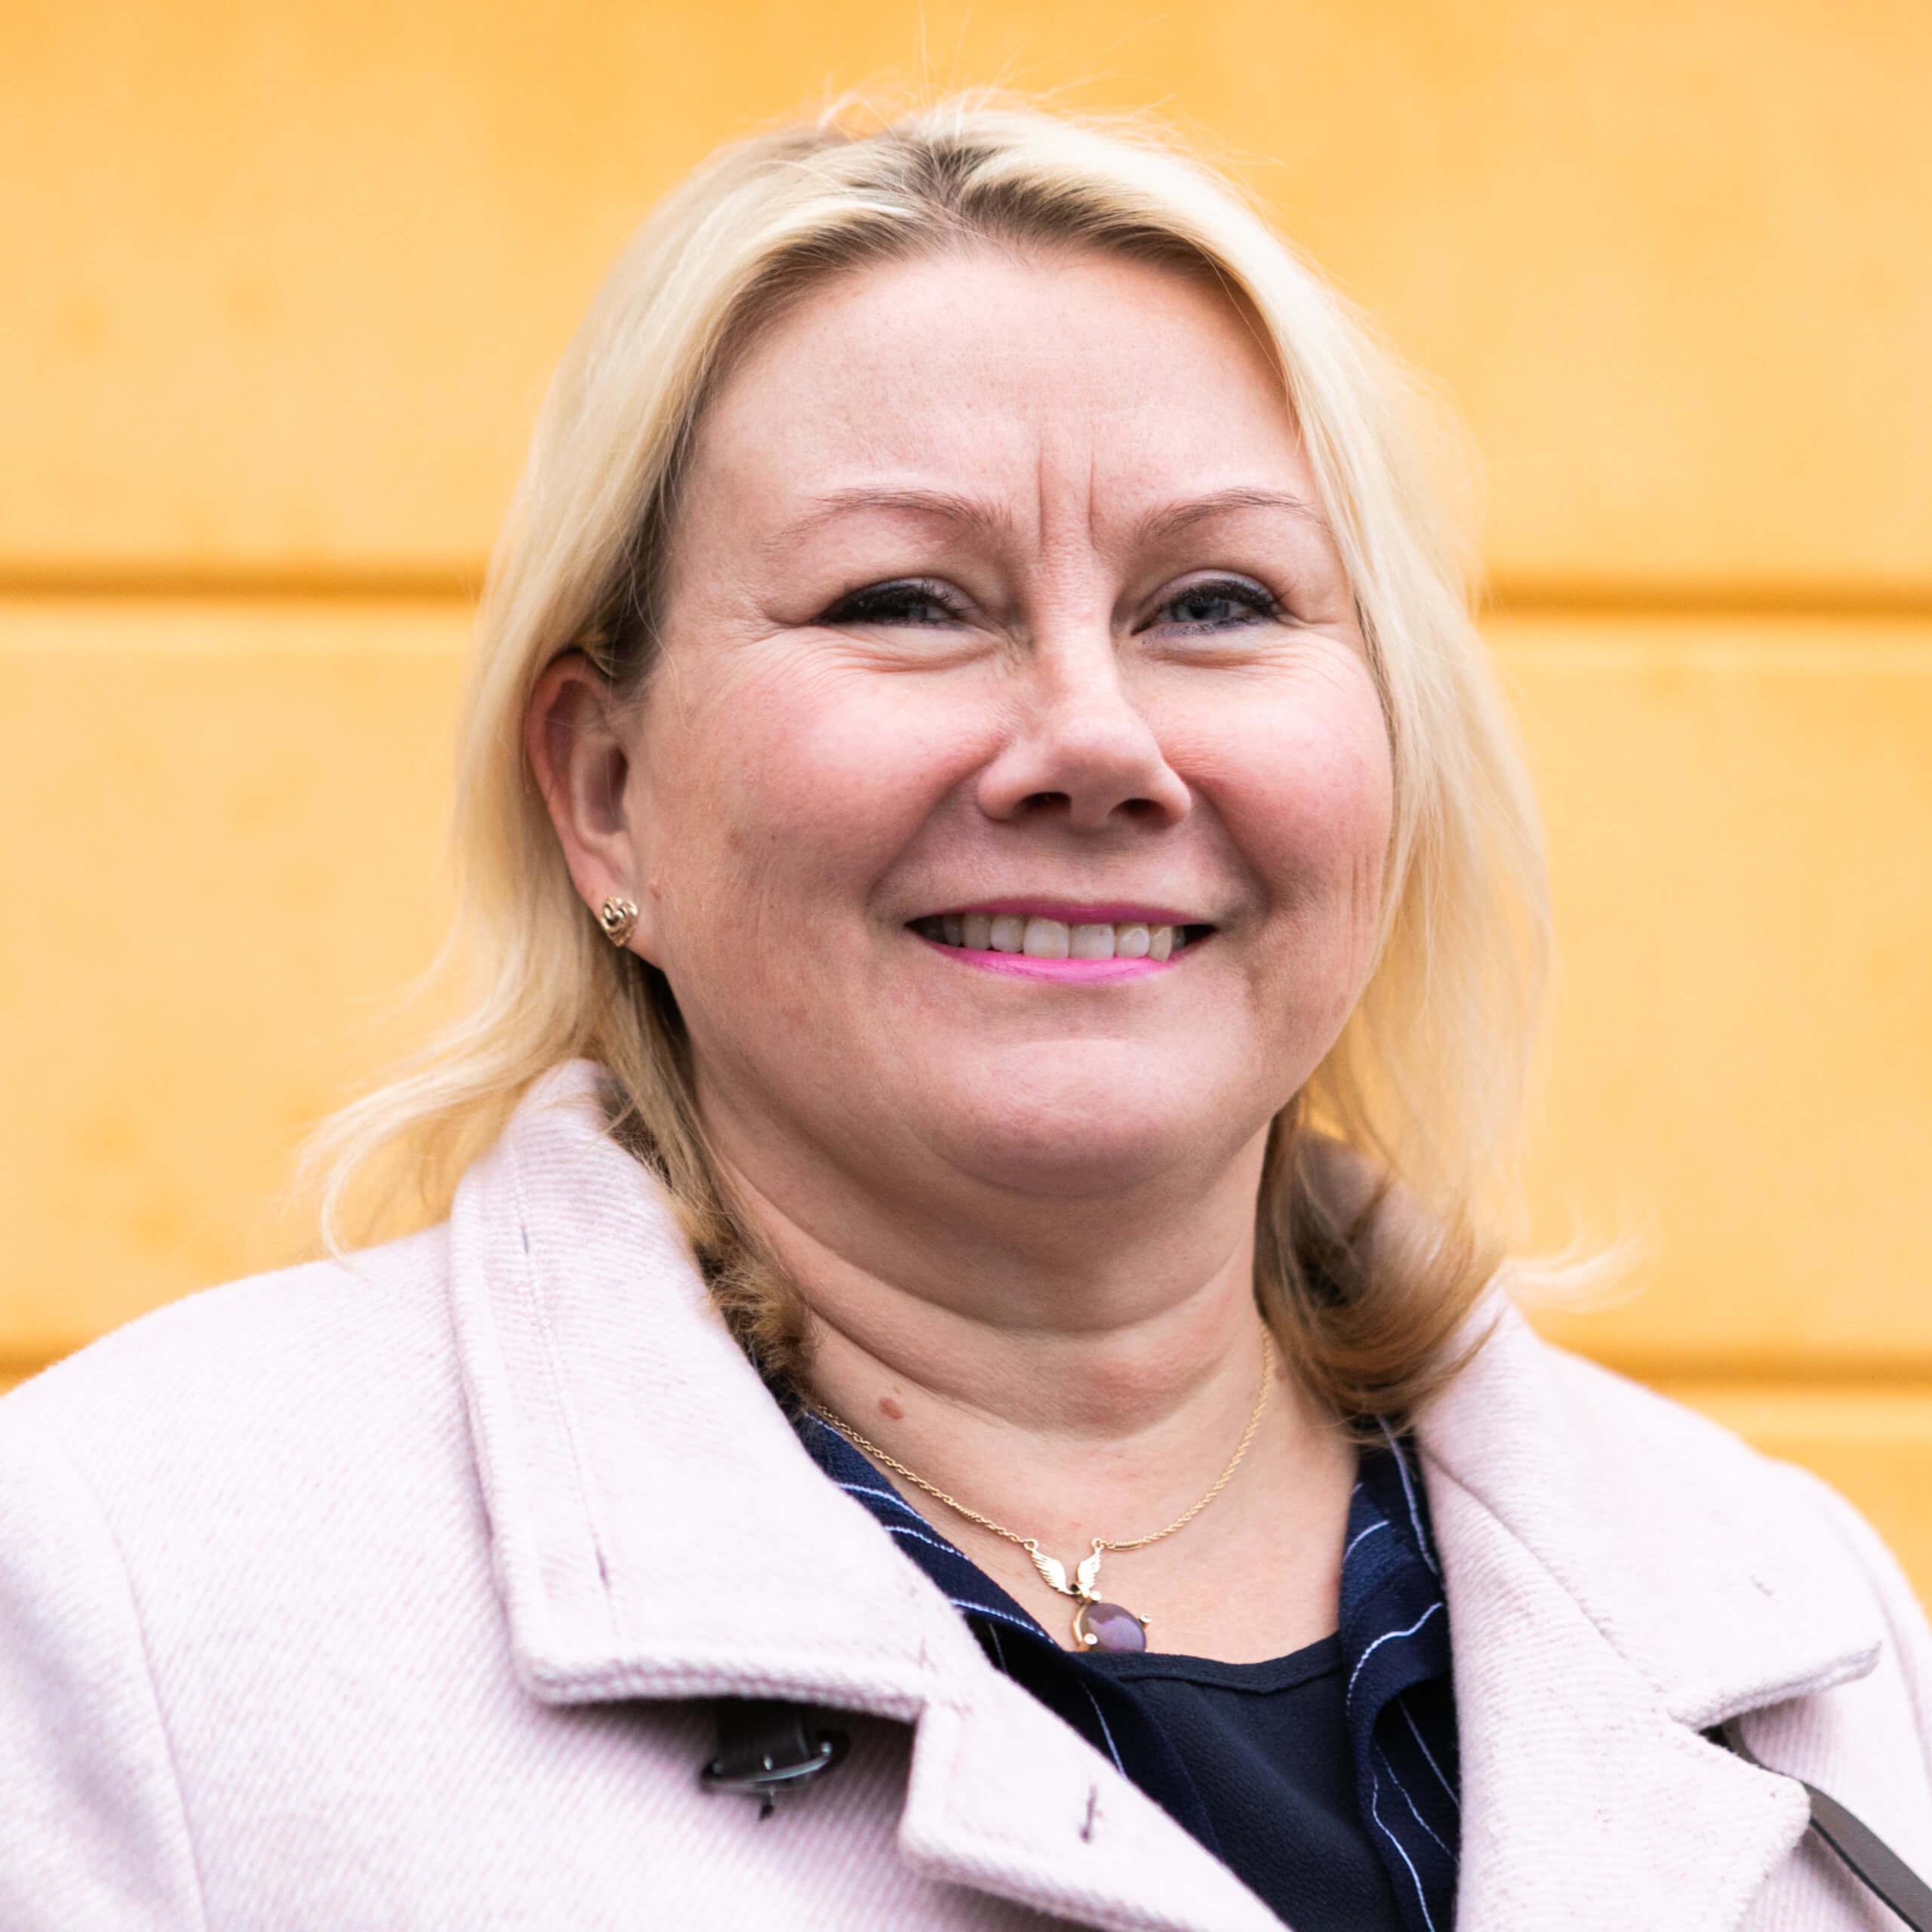 Sofiakylän toimitusjohtaja Riitta Peltonen